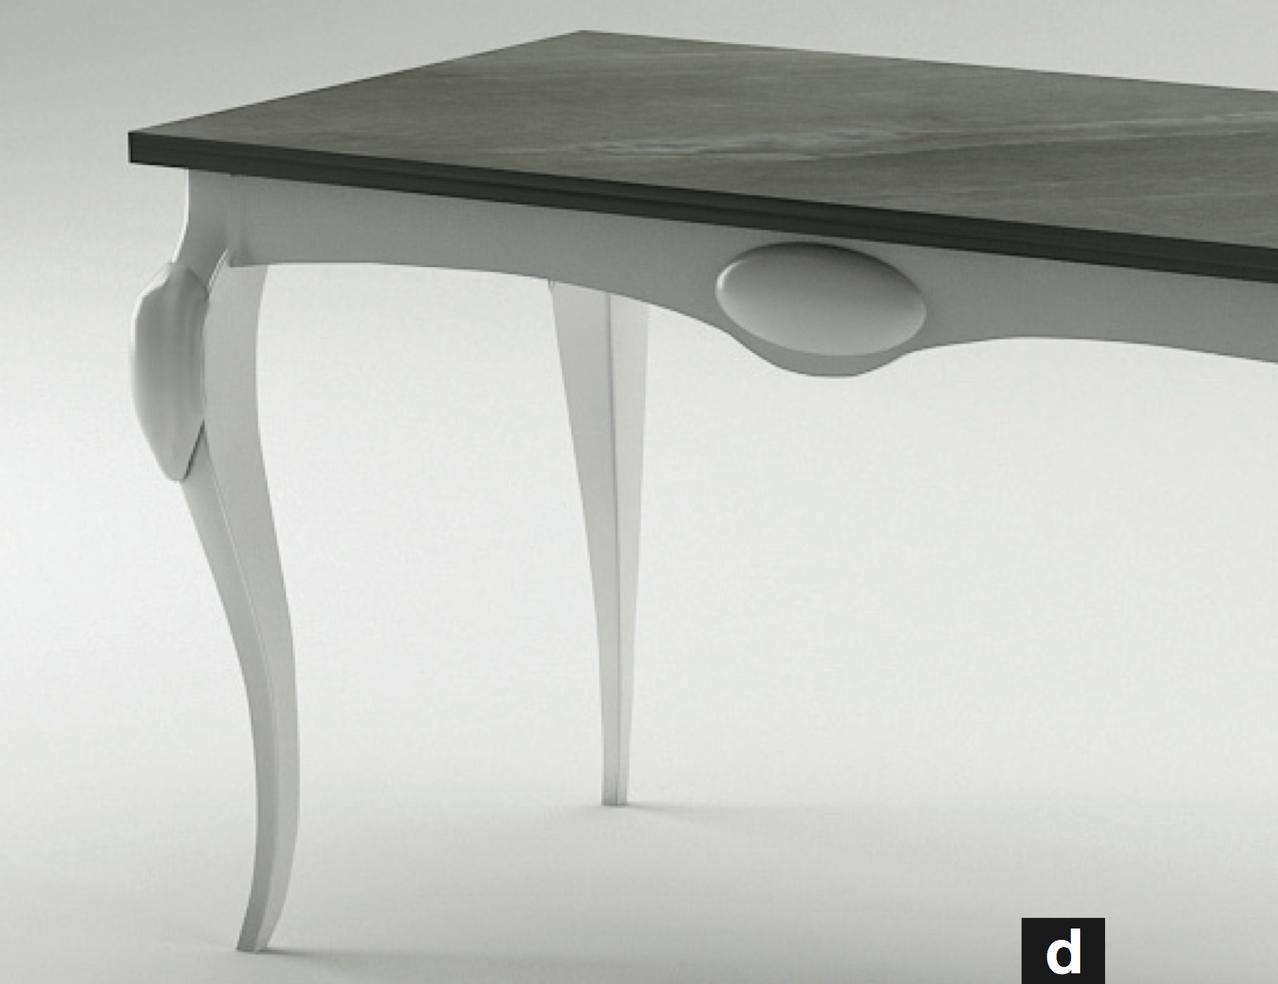 tische alt modern style ladenausstattung schweiz kaufen. Black Bedroom Furniture Sets. Home Design Ideas